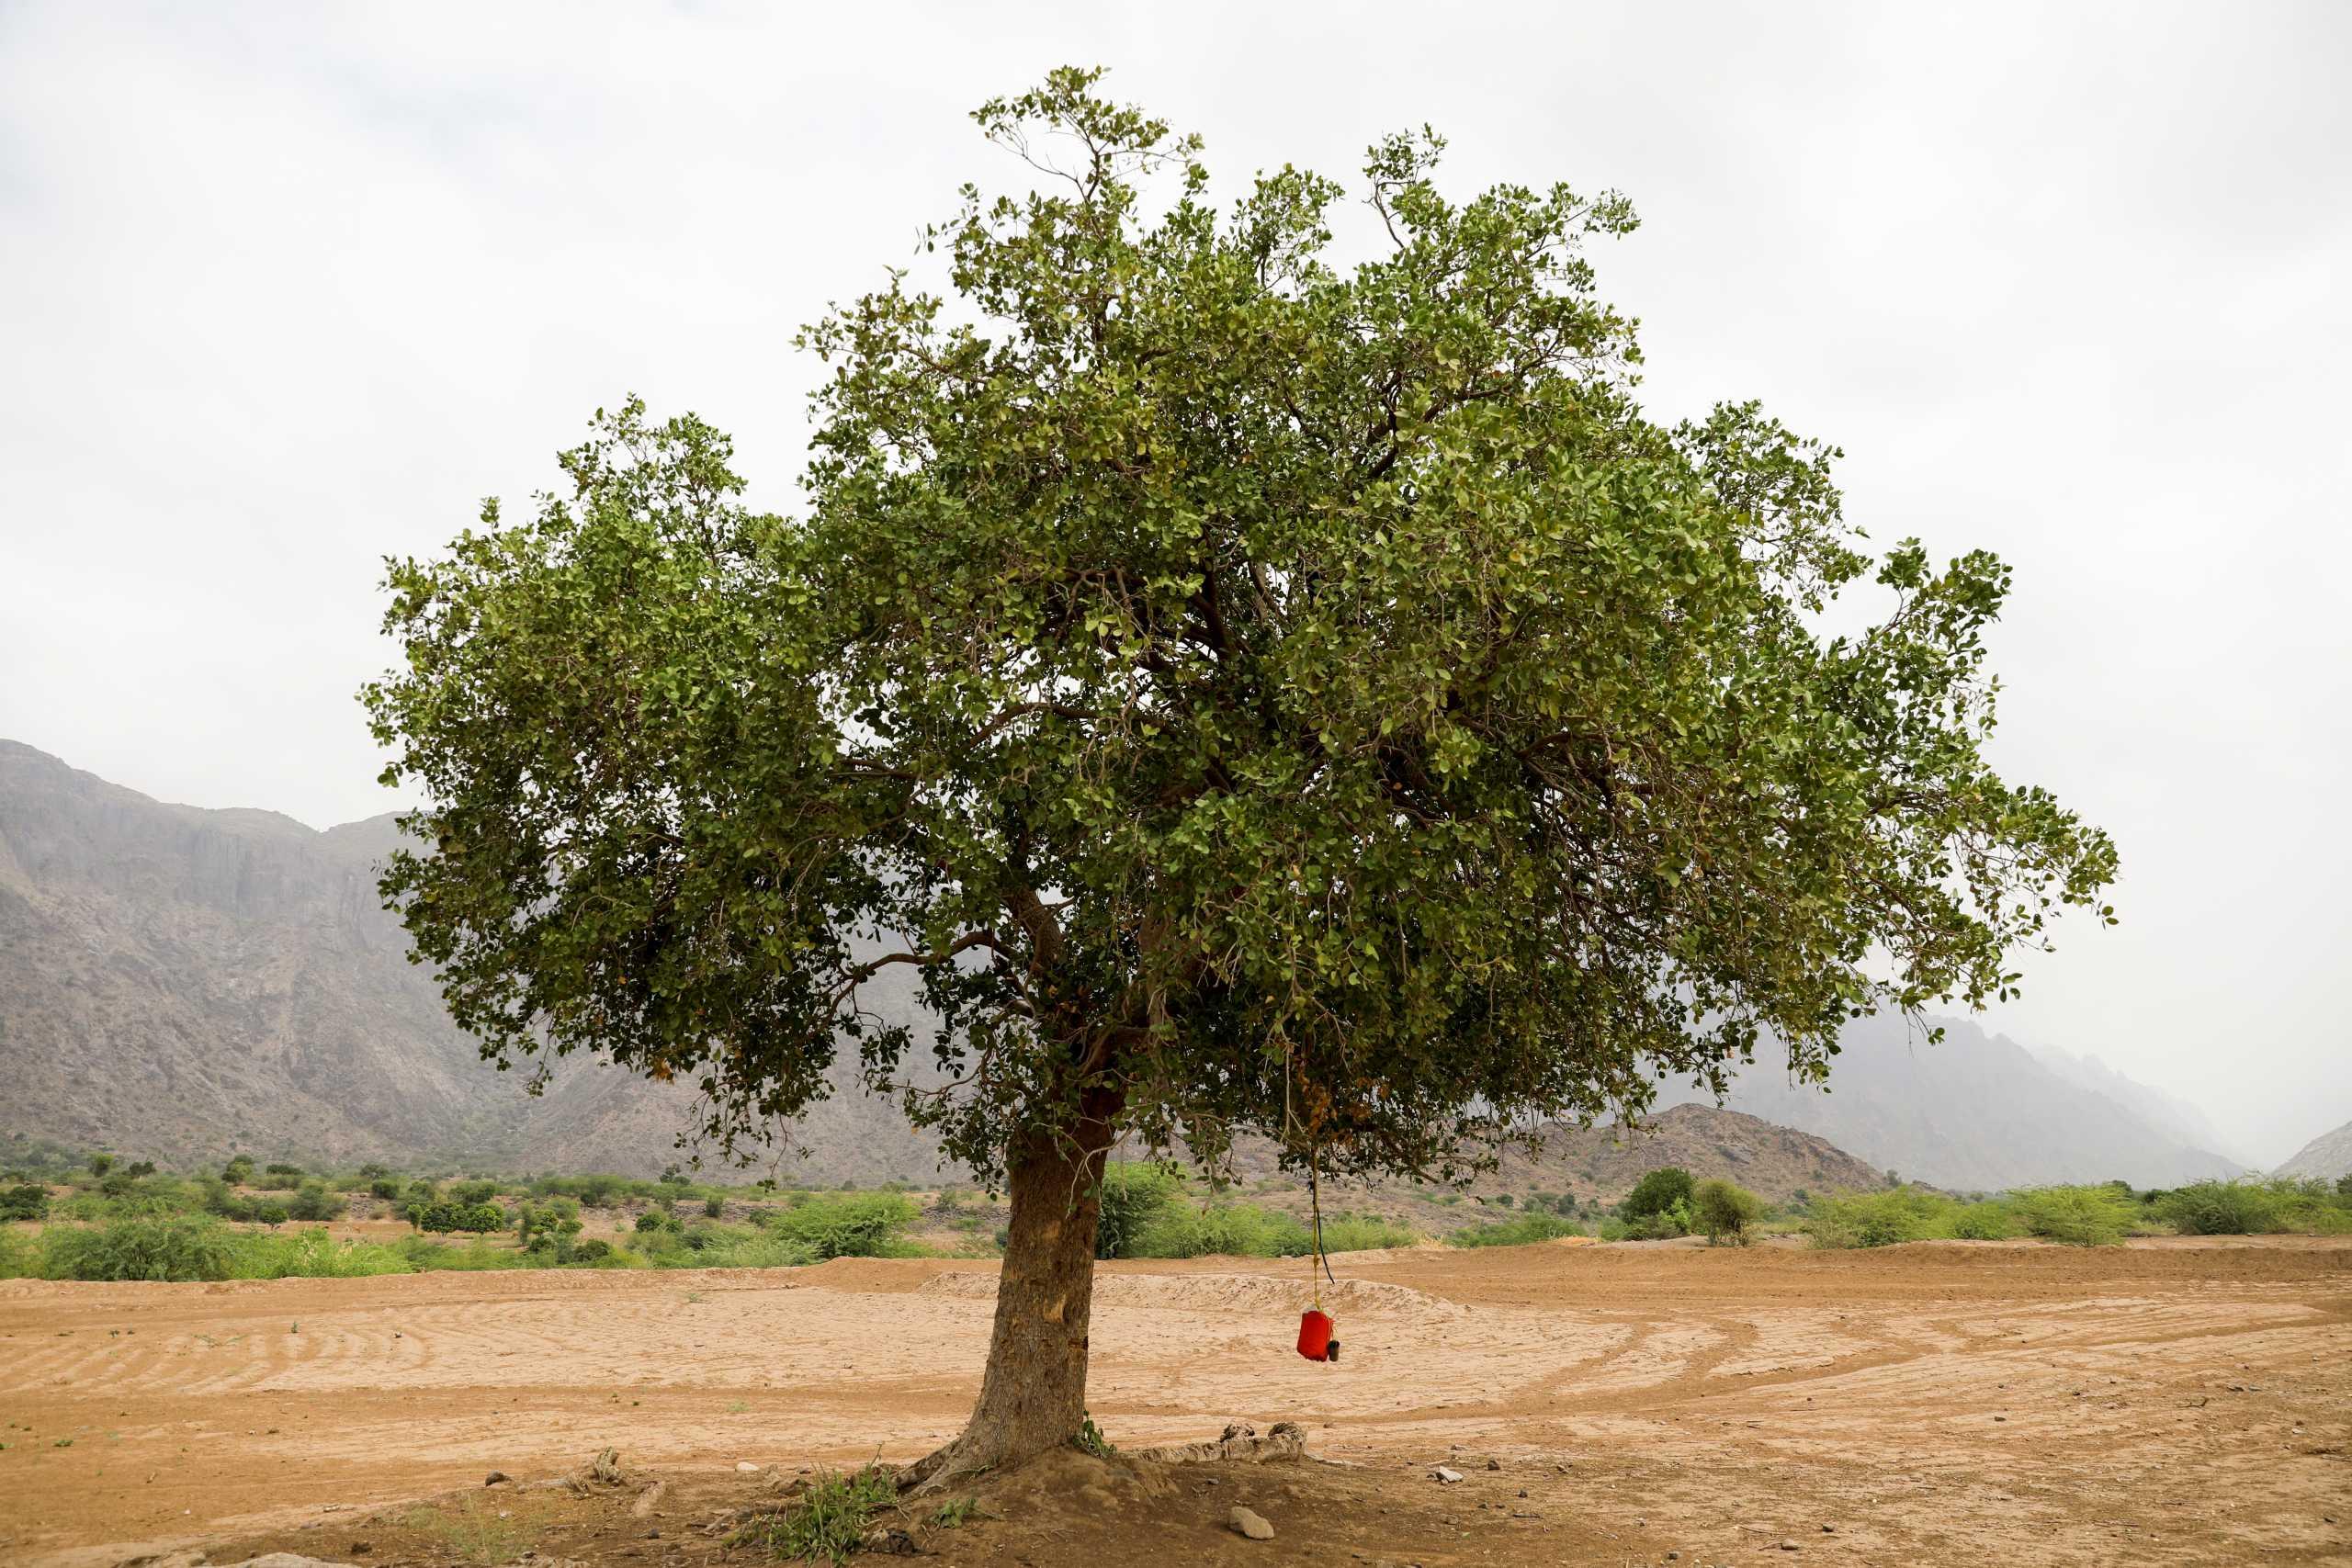 Είδος προς εξαφάνιση και τα δέντρα: Ένα στα τρία κινδυνεύουν